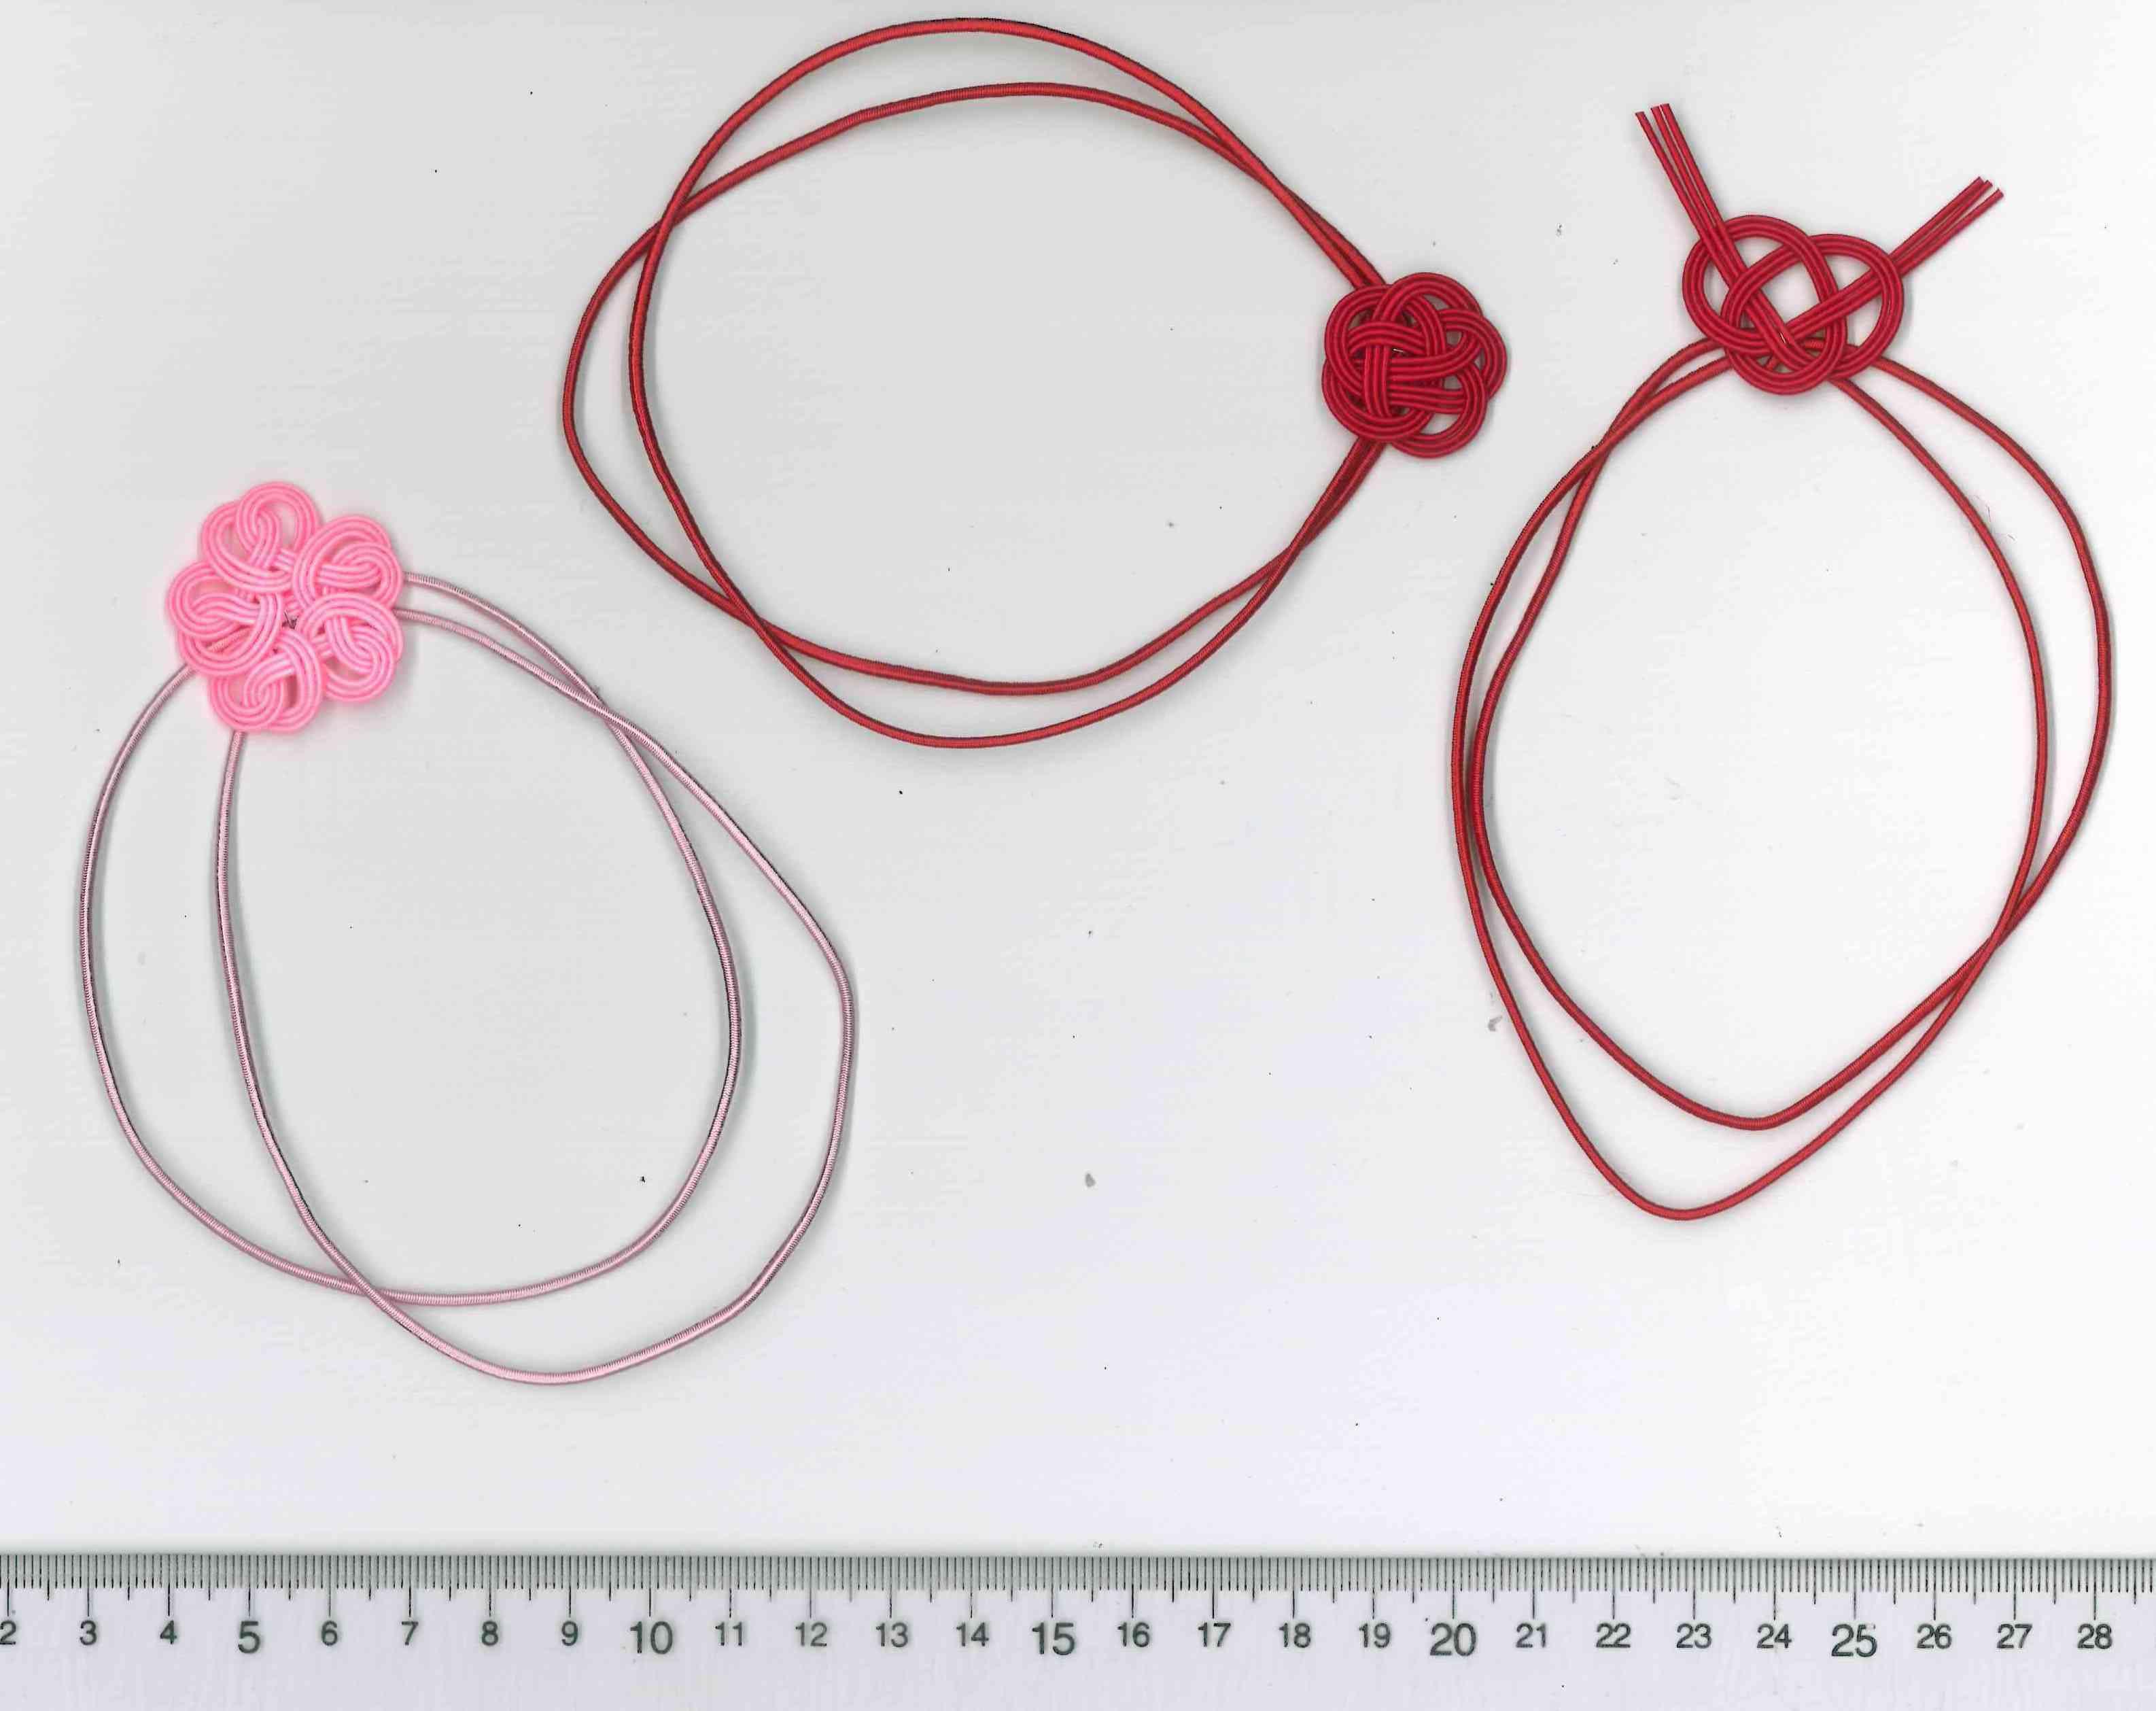 あわじ結び、梅結び、桜結び 水引を使ったギフト用和風ラッピング資材